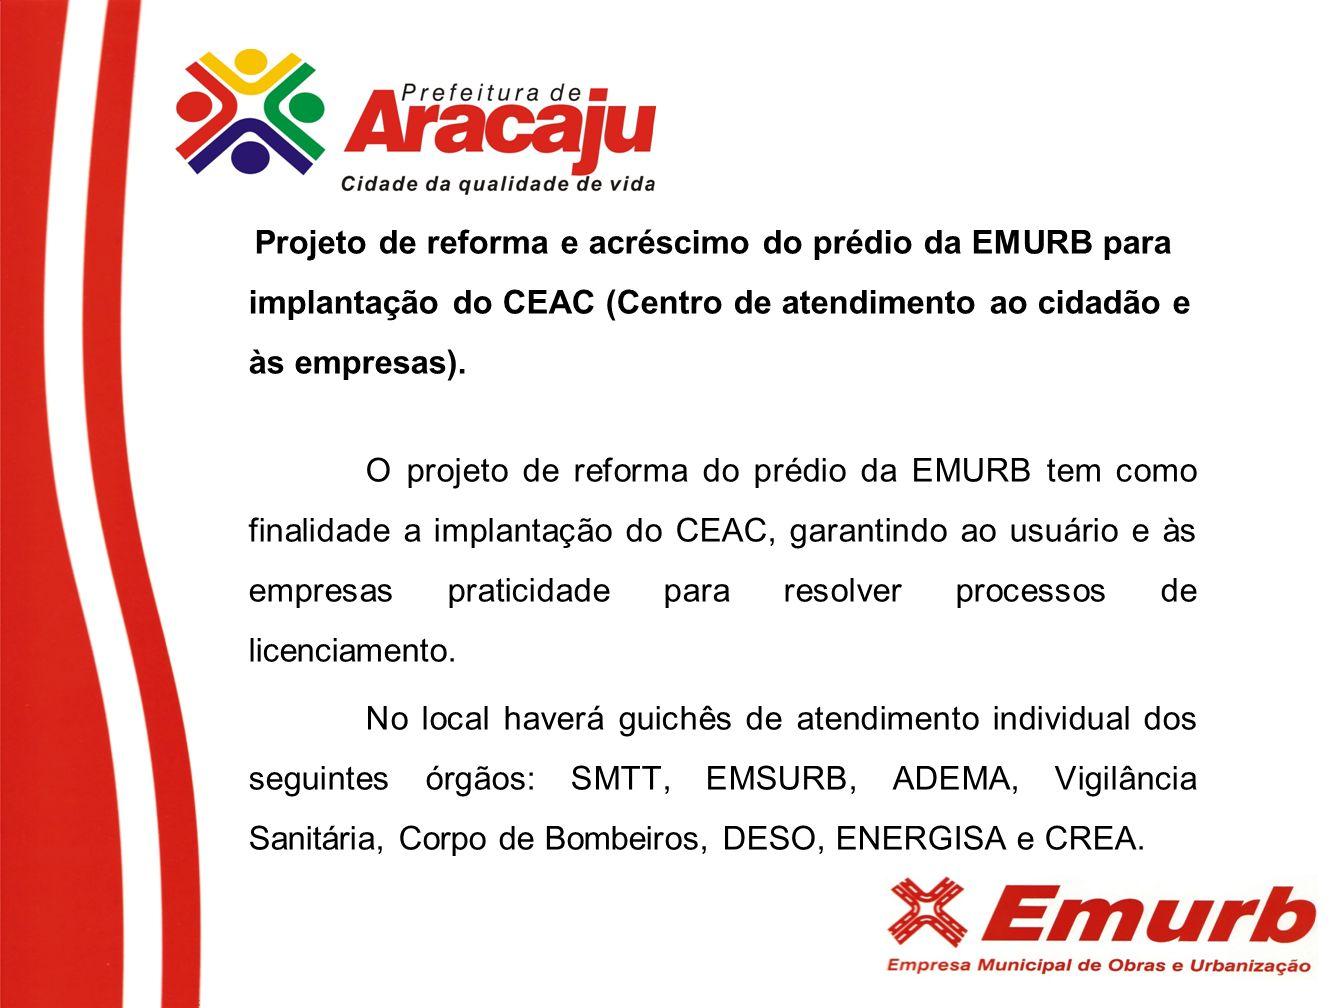 Projeto de reforma e acréscimo do prédio da EMURB para implantação do CEAC (Centro de atendimento ao cidadão e às empresas).